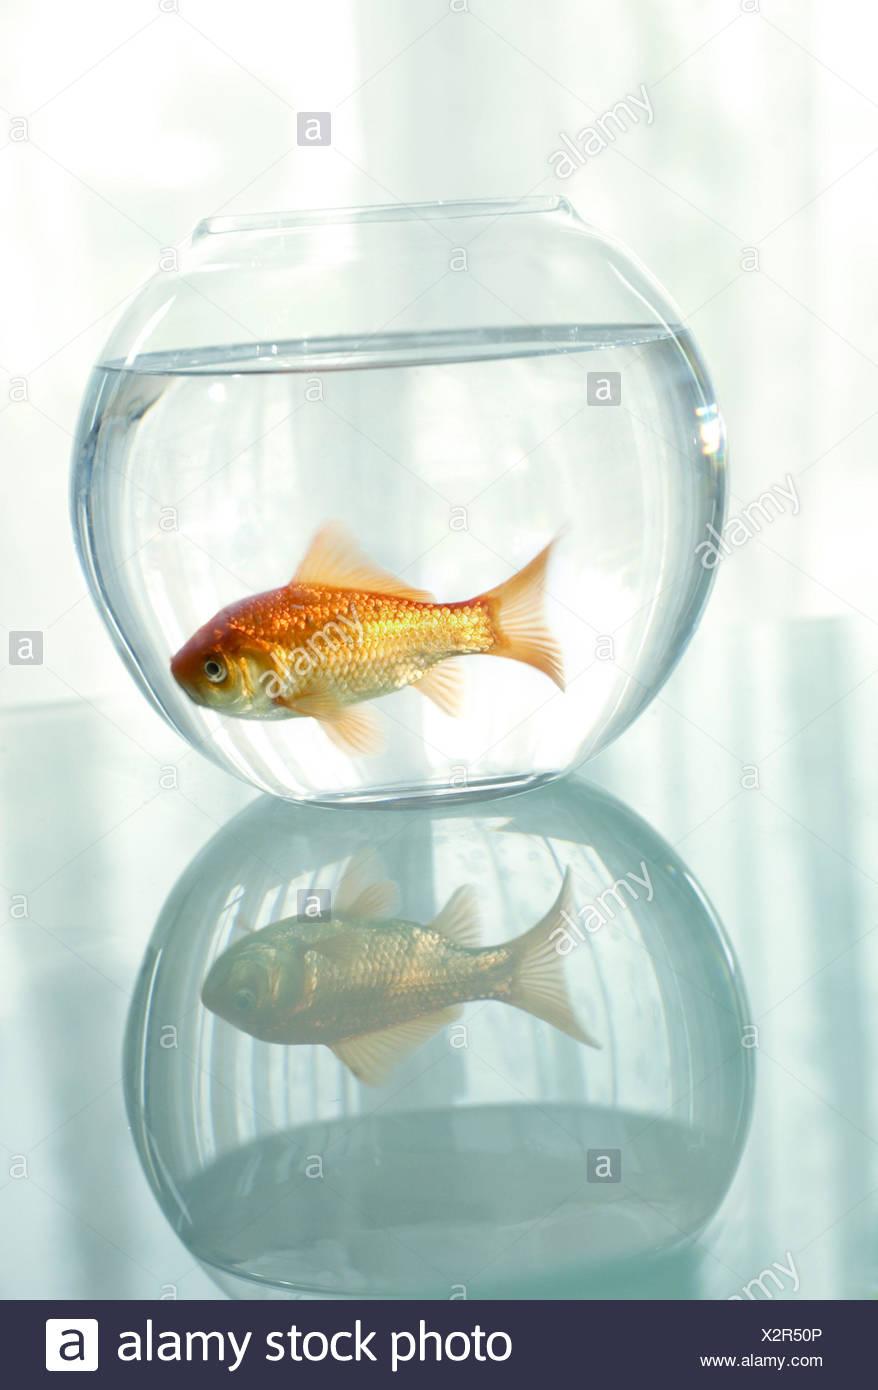 Tolle Angler Fisch Färbung Seite Fotos - Malvorlagen Ideen - blogsbr ...